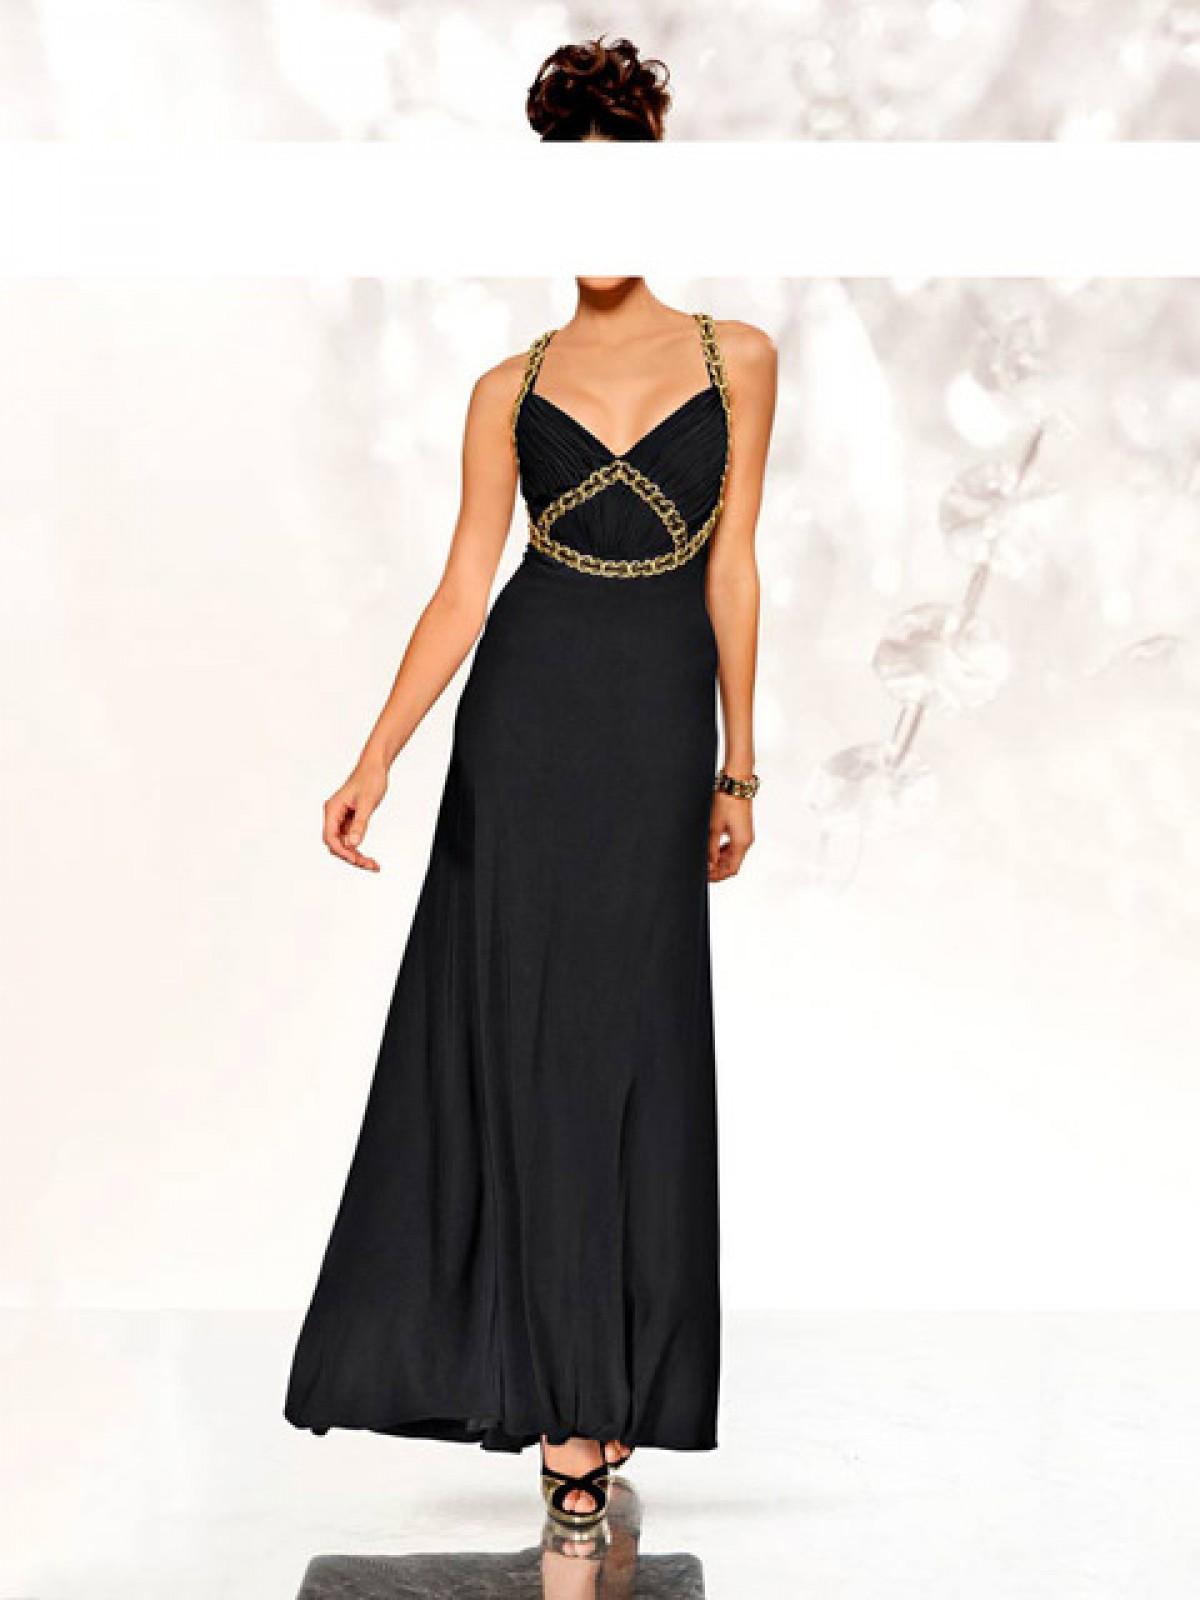 Langes Abendkleid schwarz mit tiefem Ausschnitt vorn und hinten - ...